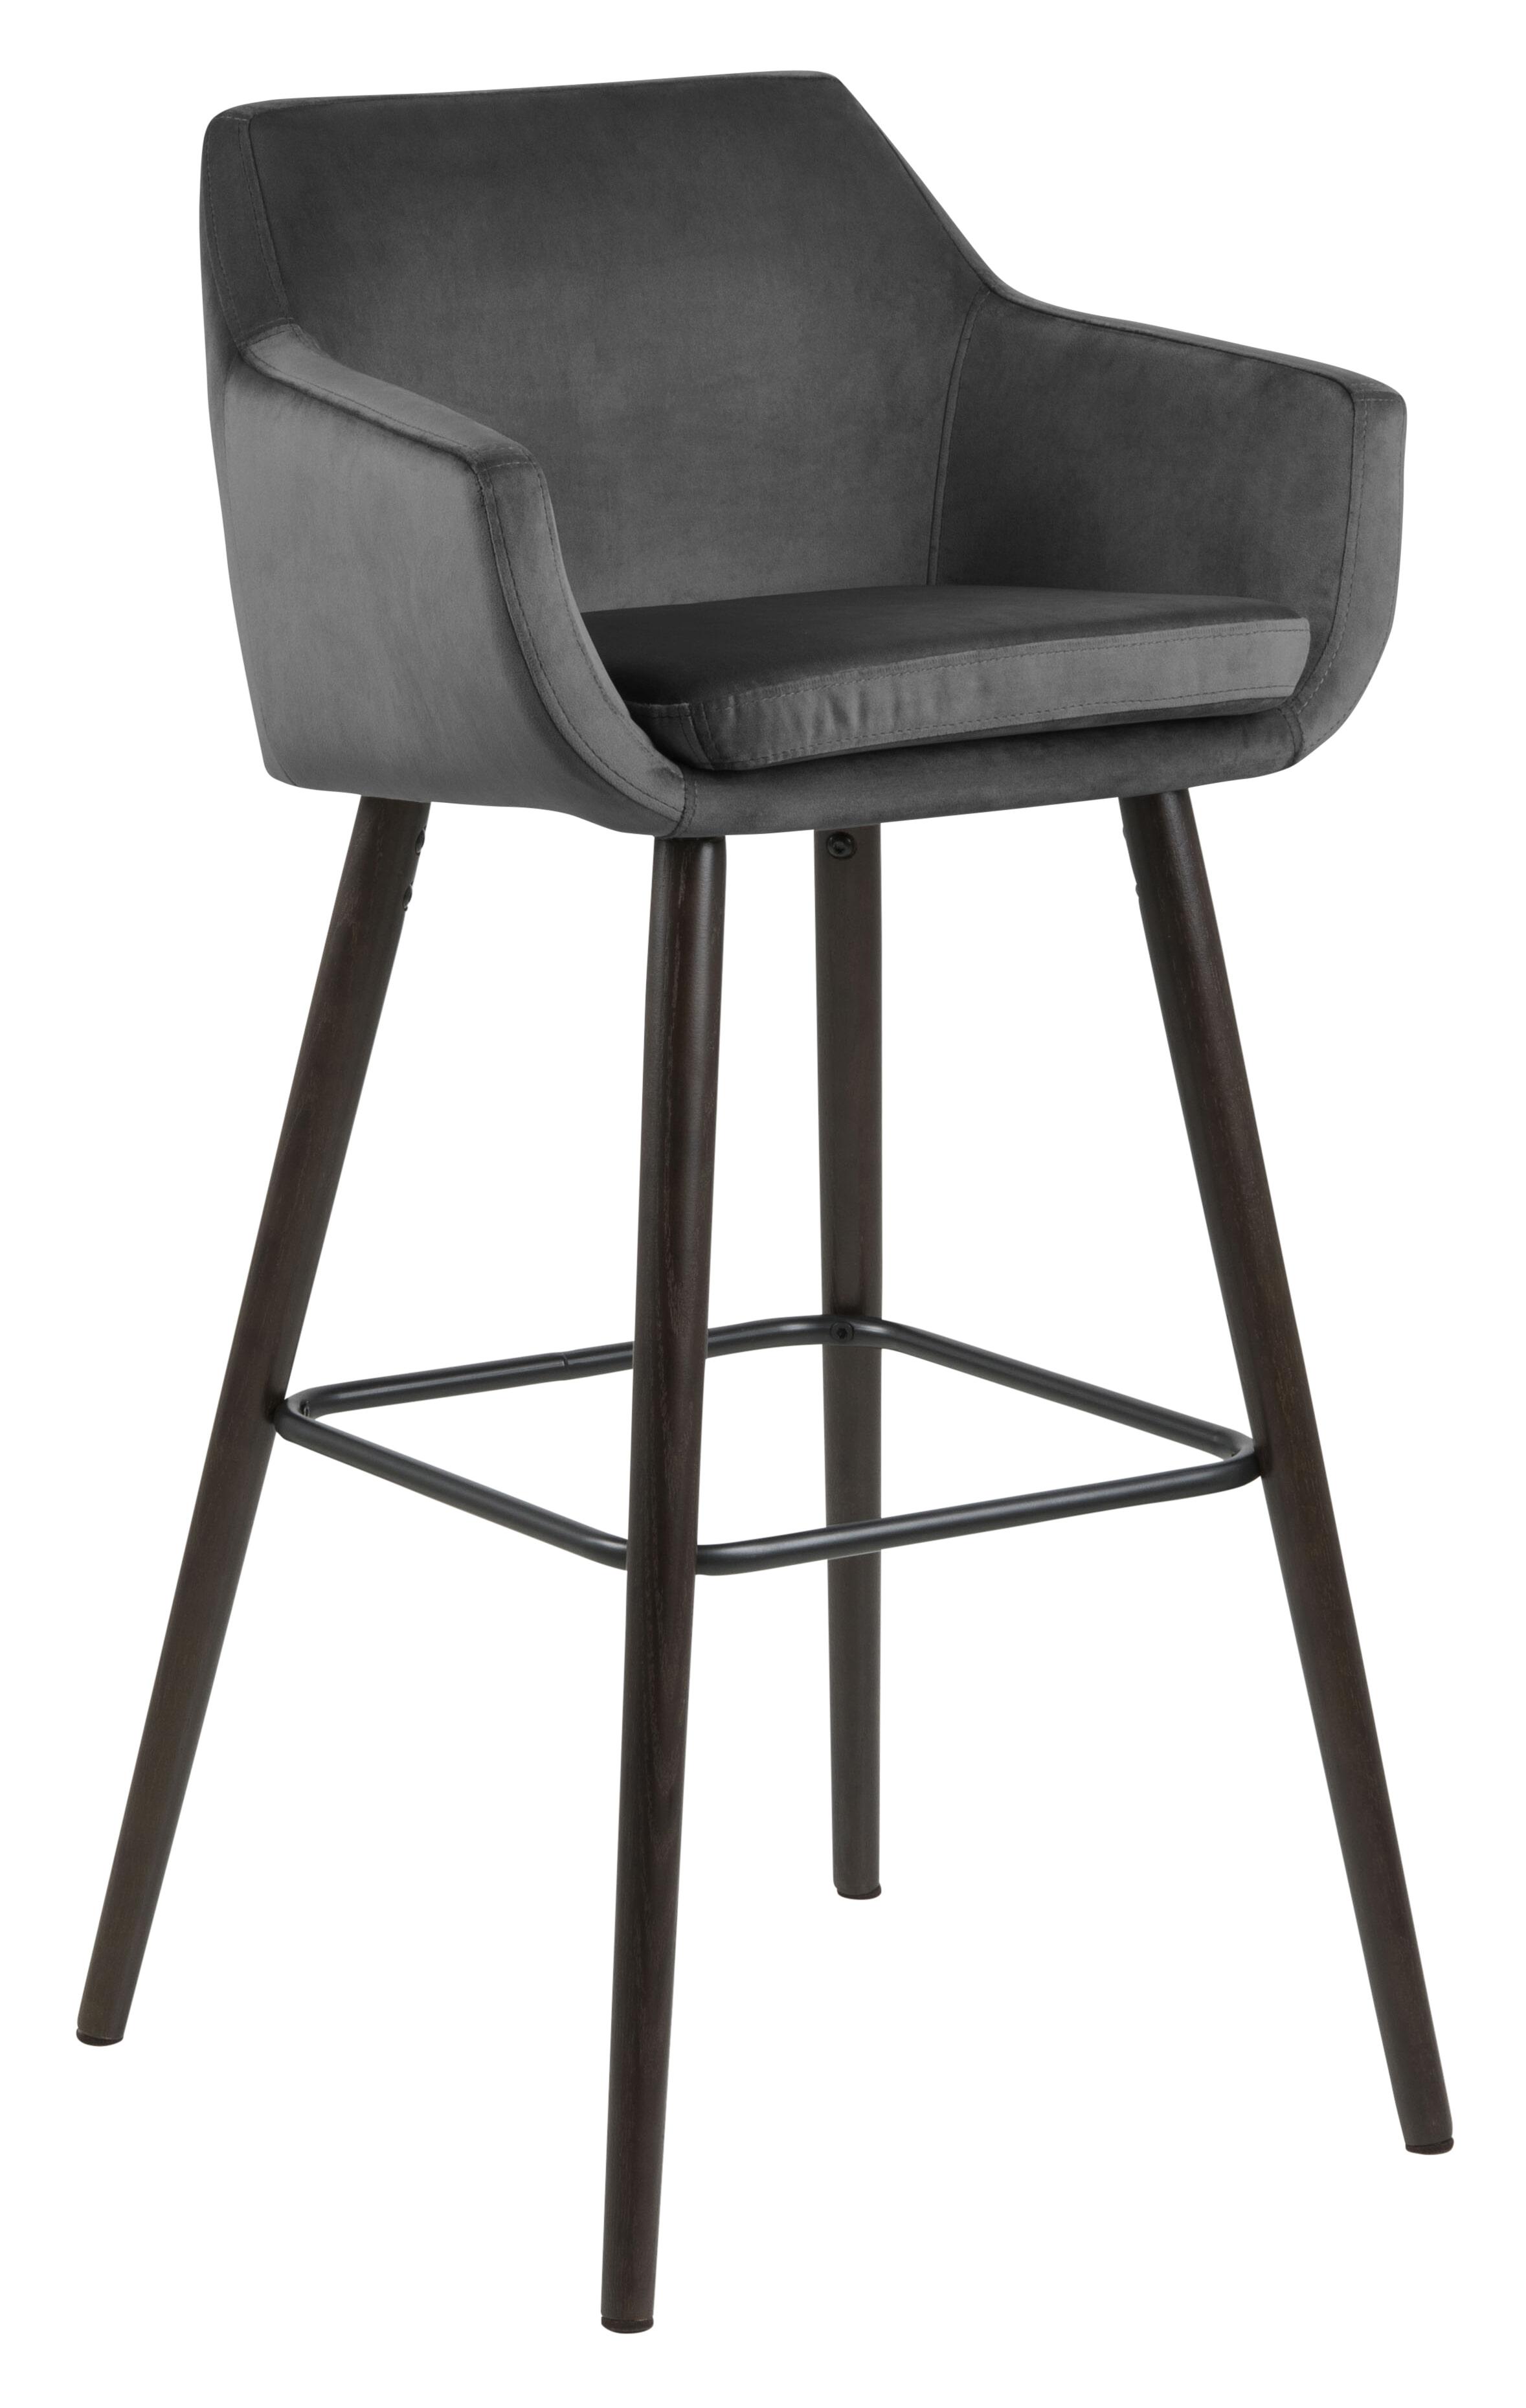 Bendt Barkruk 'Rikke' Velvet (zithoogte 79cm), kleur Donkergrijs